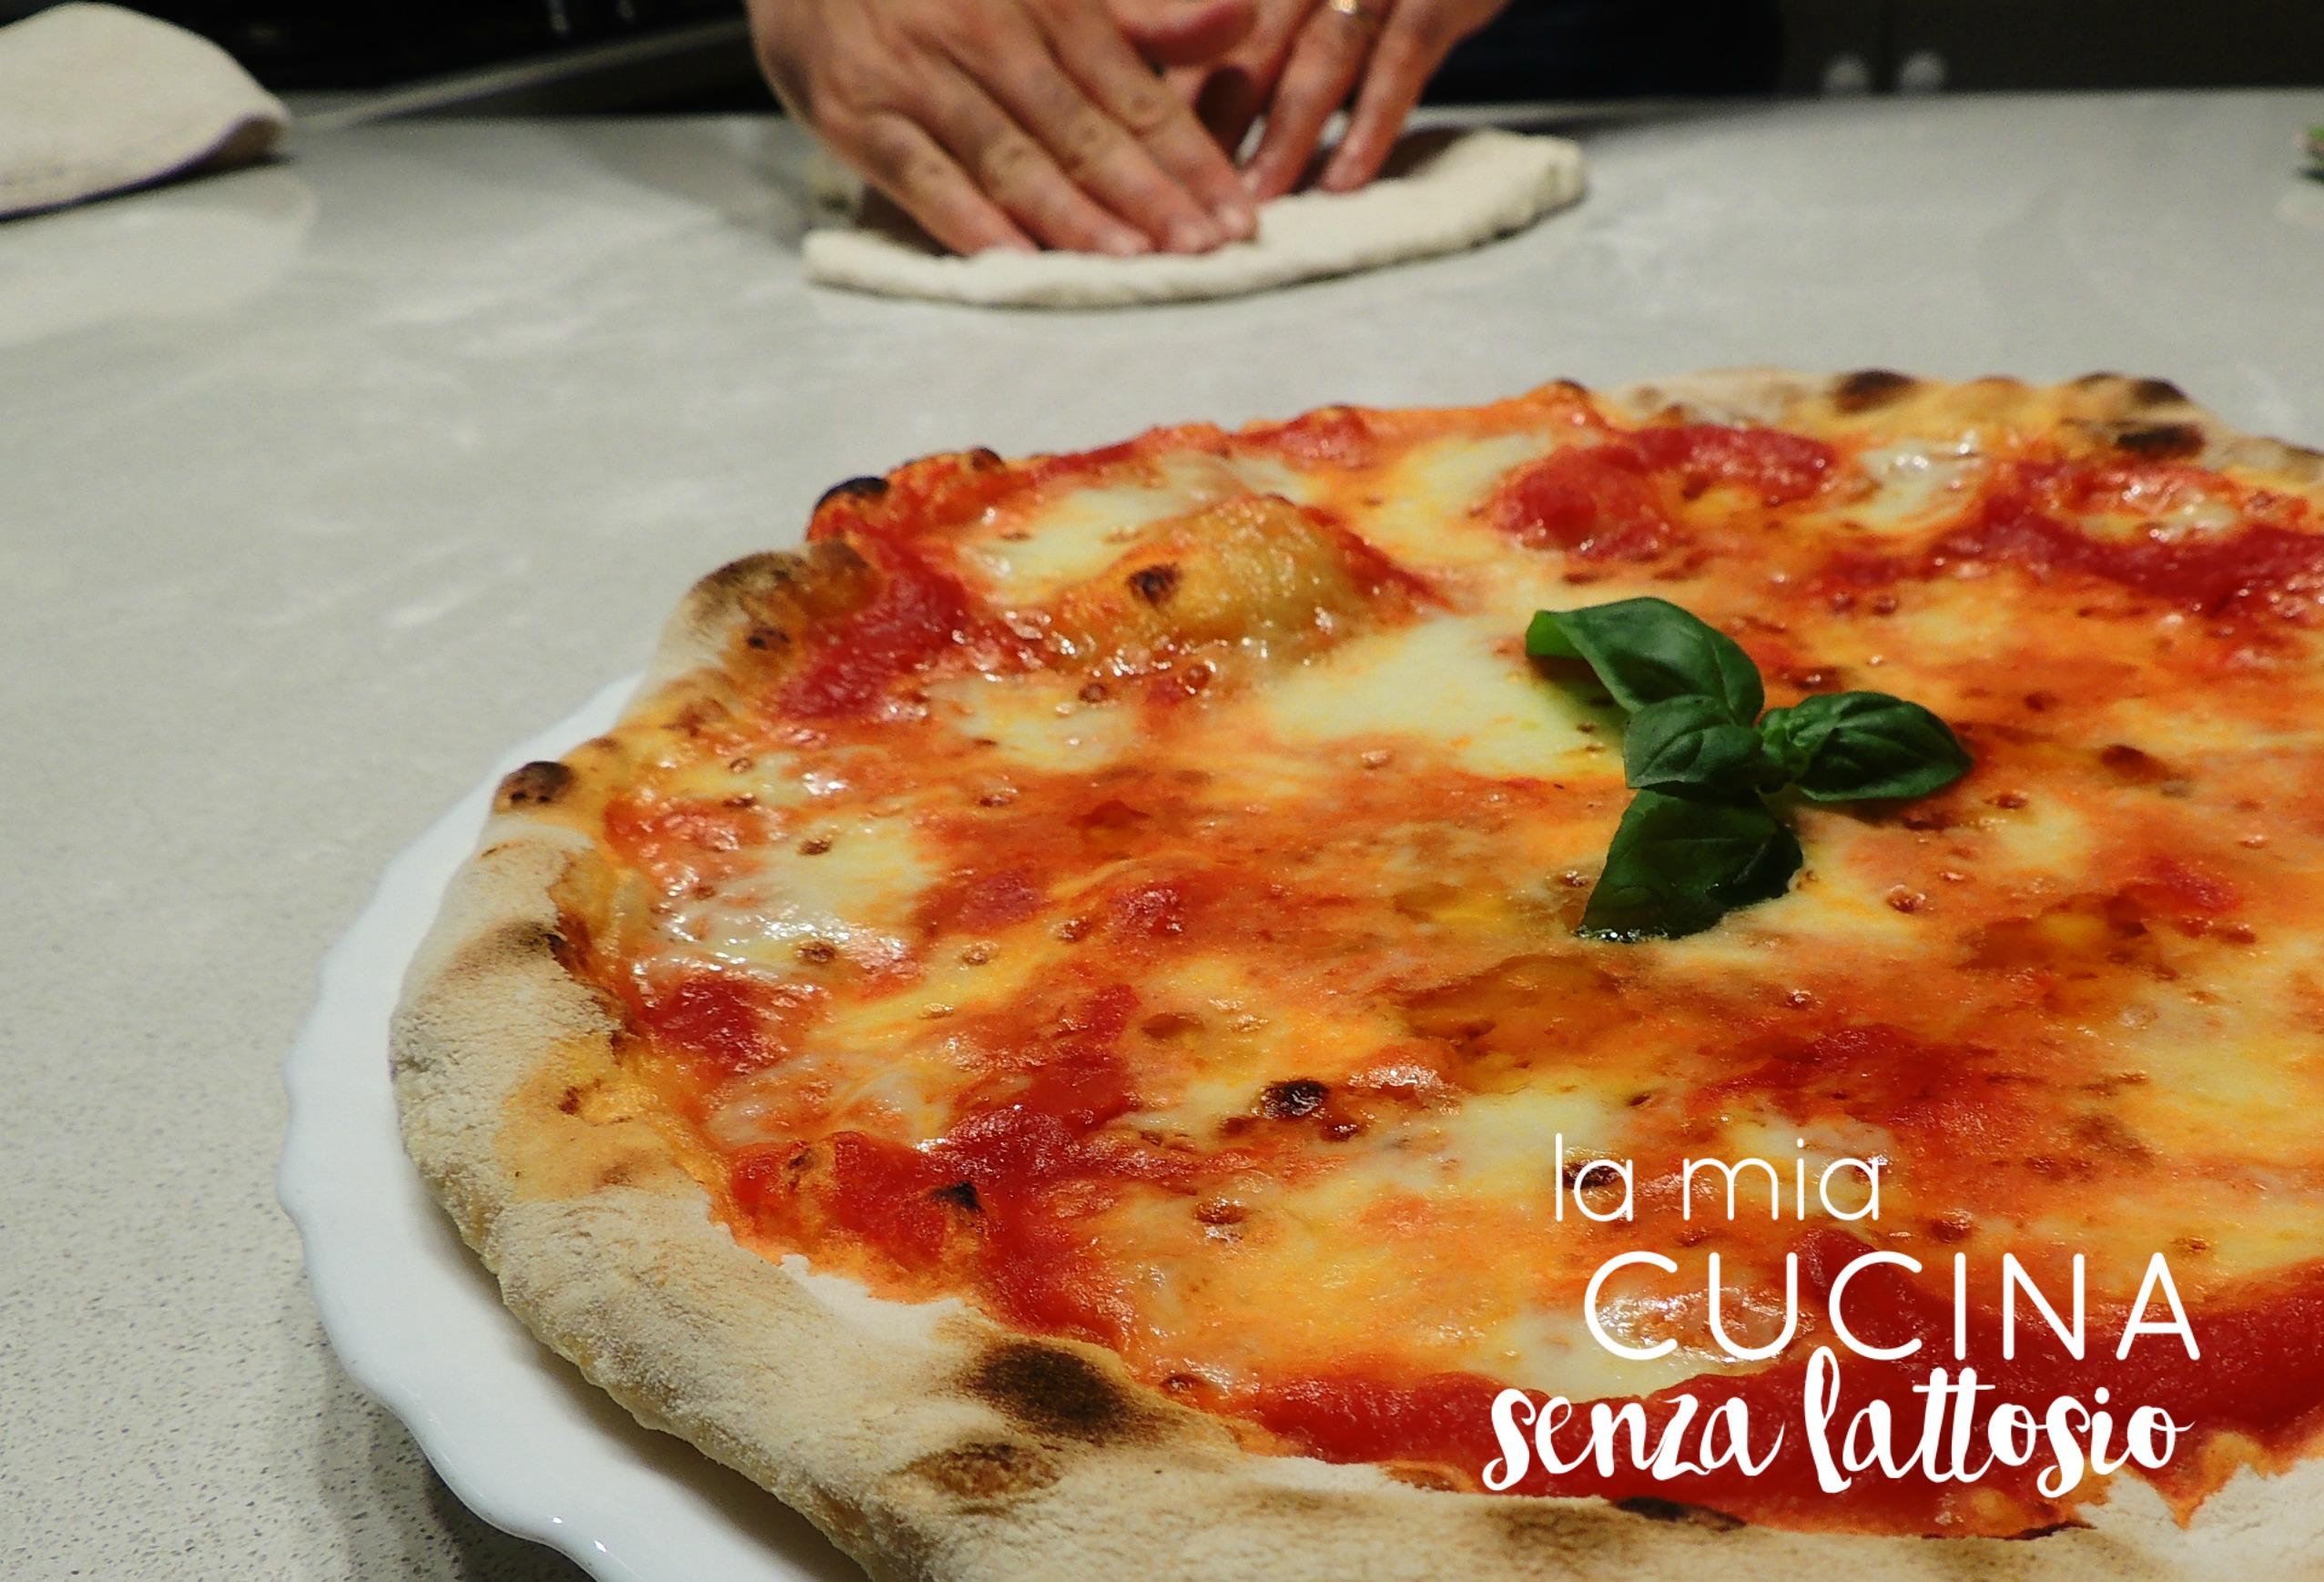 Ricetta Impasto Pizza Napoletana Gino Sorbillo.Pizza Napoletana Fatta In Casa Come In Pizzeria Ricetta Sorbillo La Mia Cucina Senza Lattosio